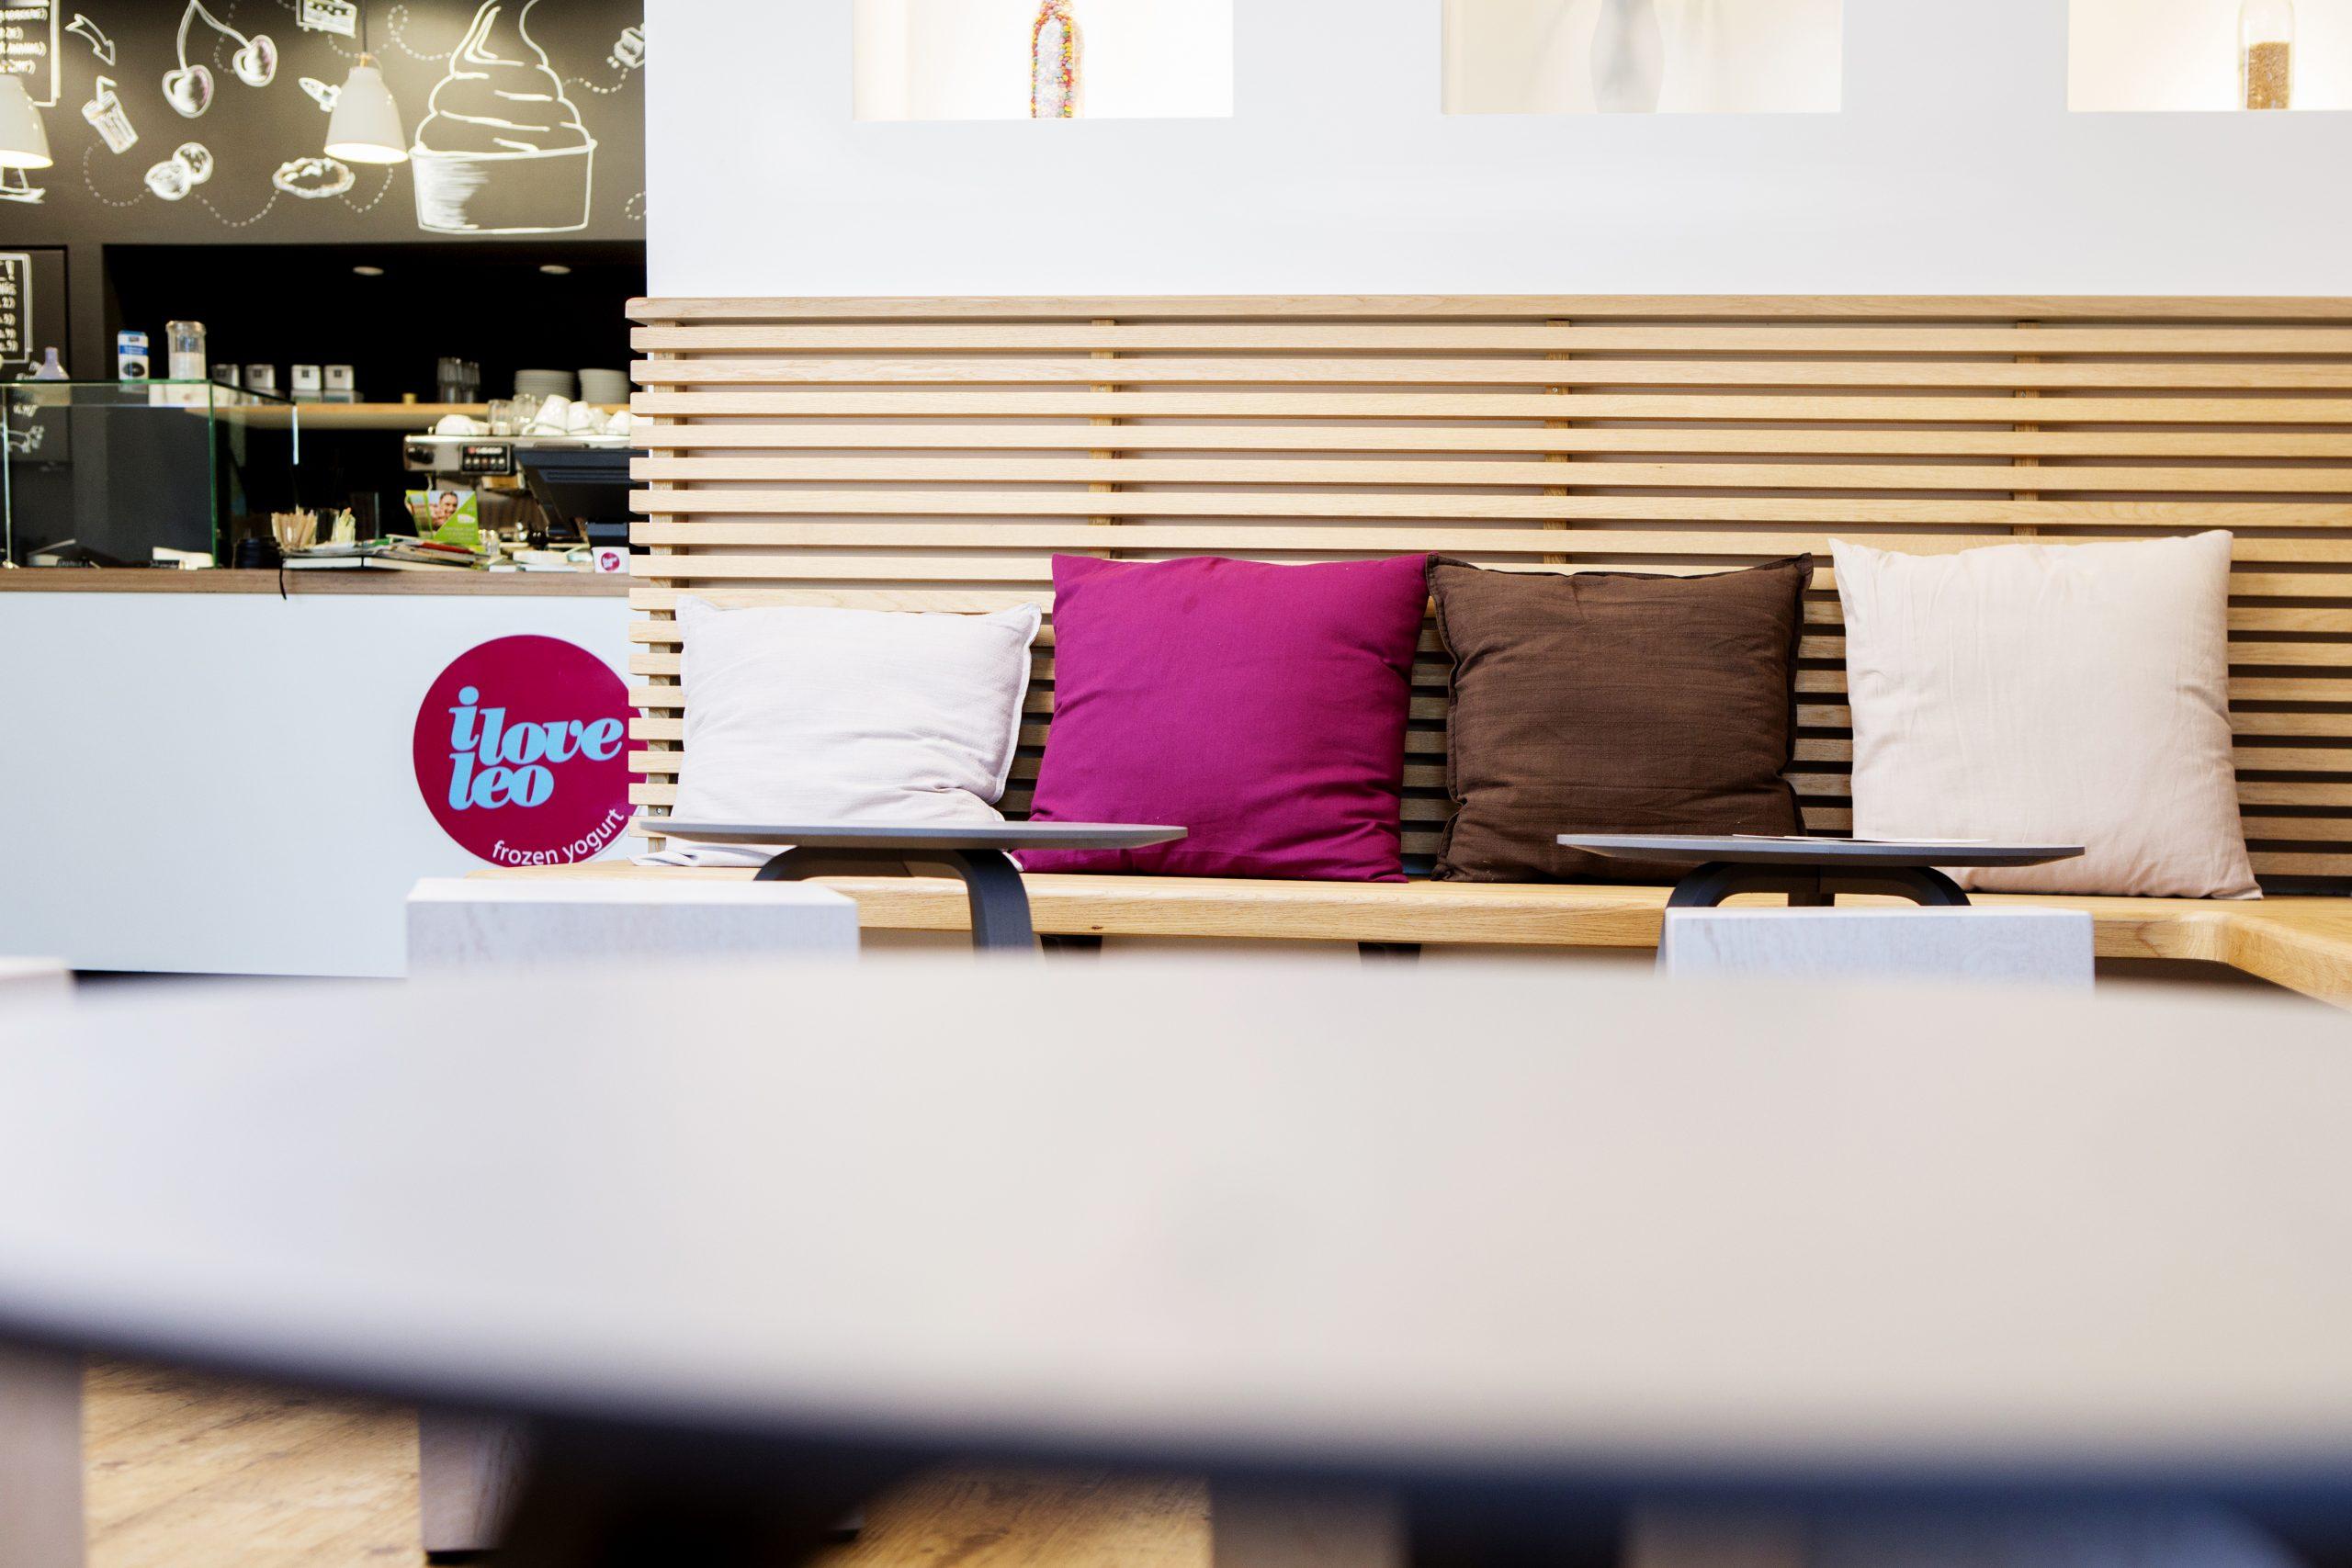 jacob-mayer-voigt-architekt-interior-design-gastronomie-sitzecke-sitzbank-holz